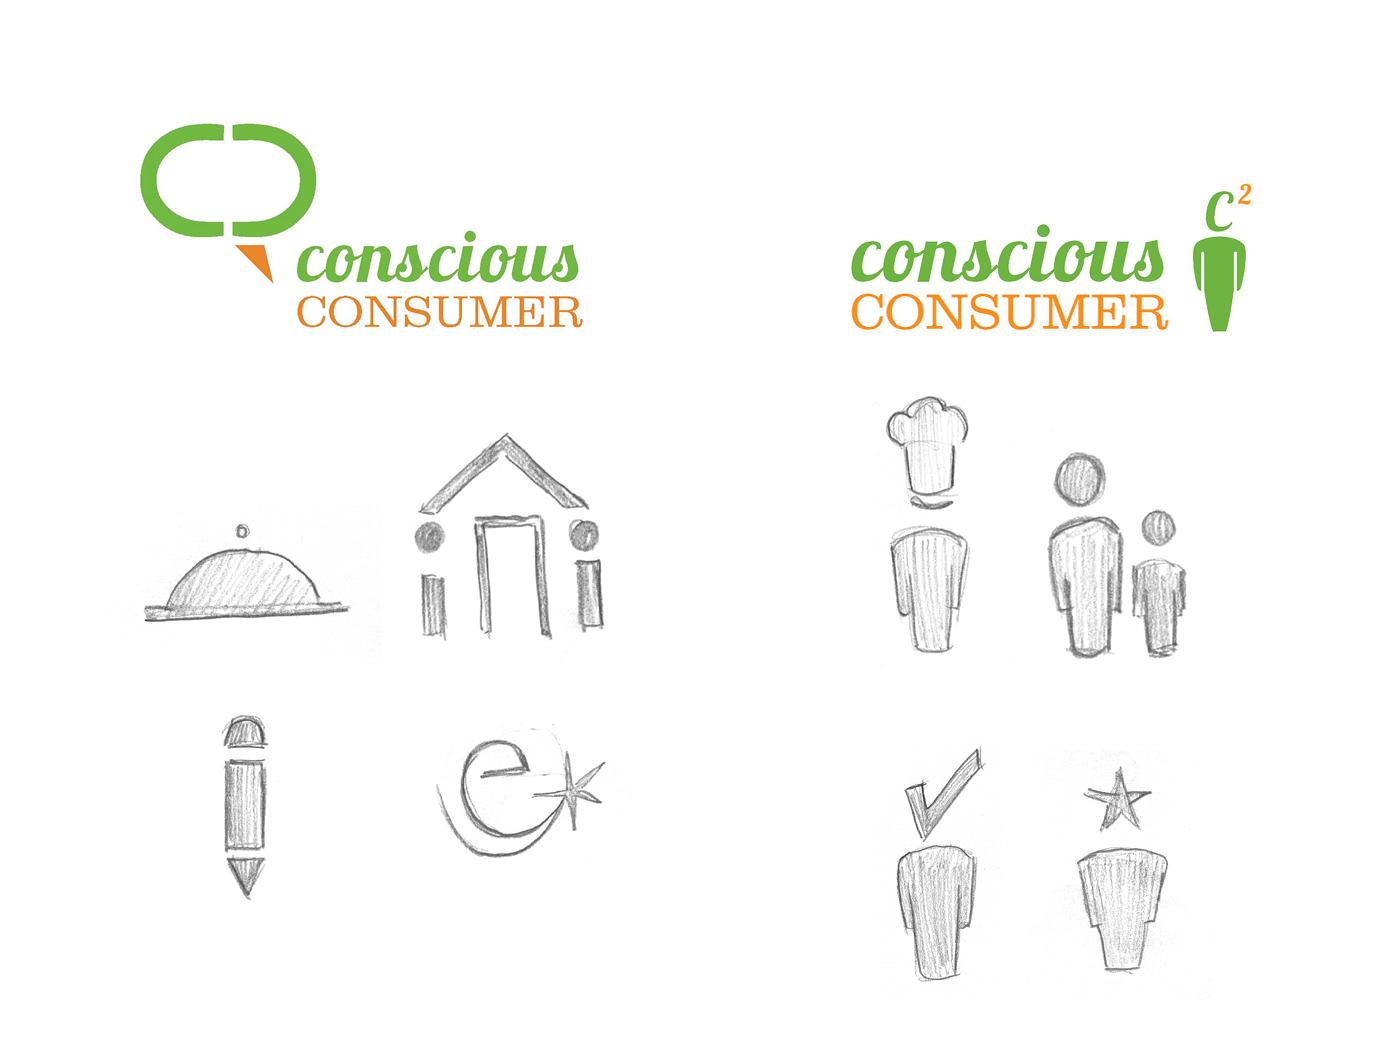 Conscious Consumer icon sketches.